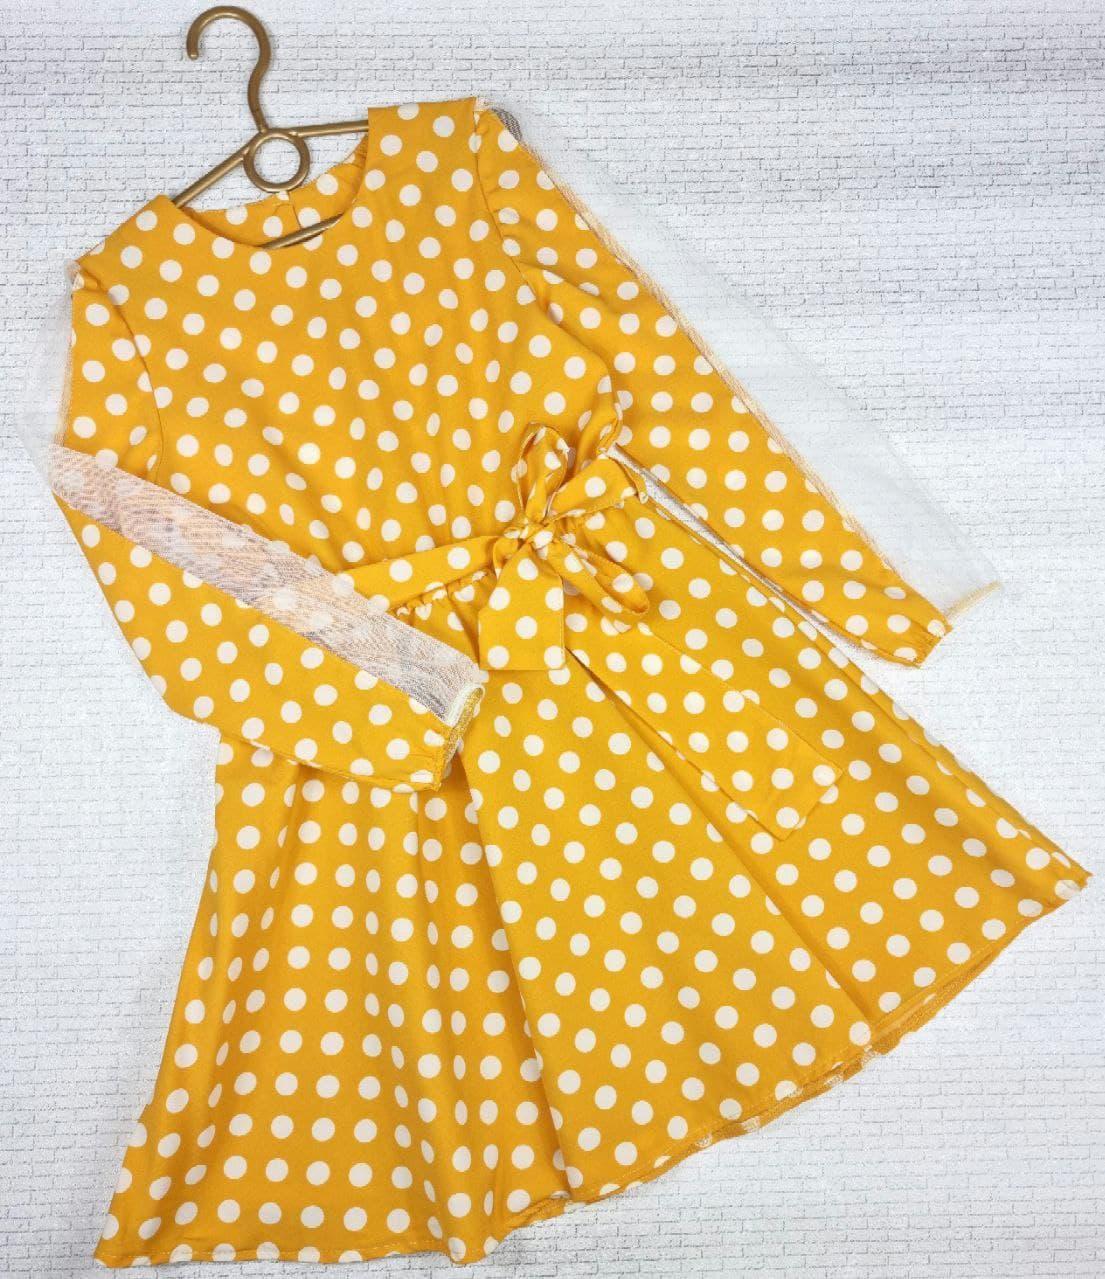 Сукня з цікавим рукавом на дівчинку 122,128,134,140,146,152 см, жовтий горох